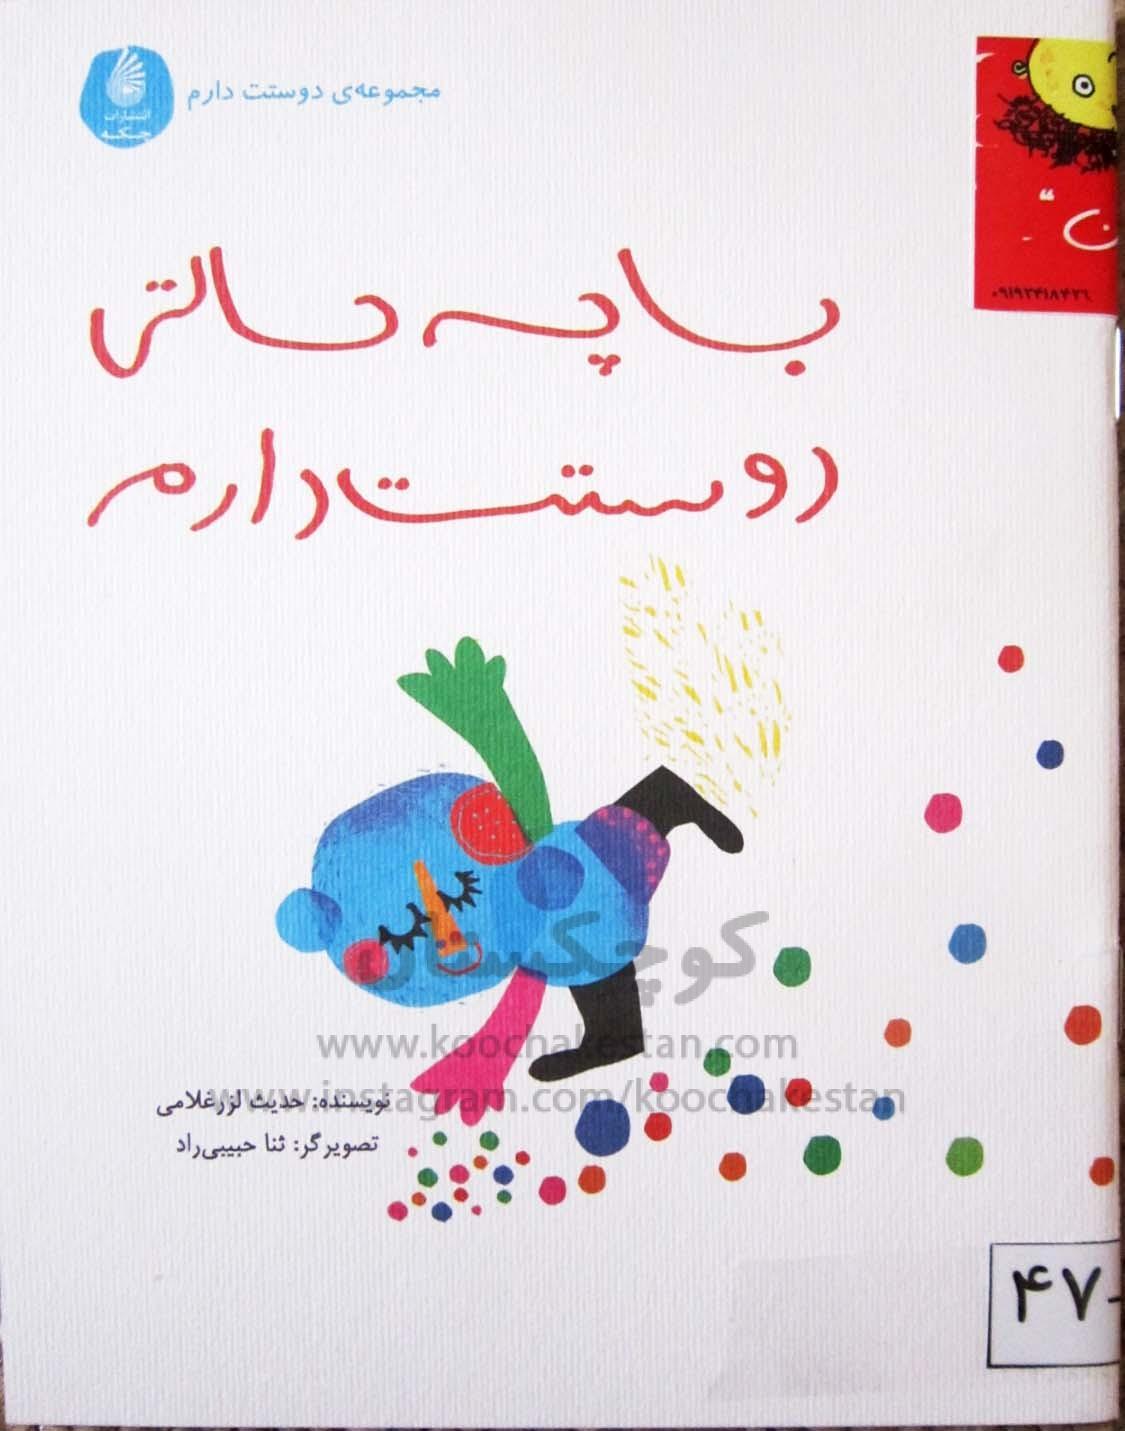 با چه حالتی دوستت دارم - کتابخانه کودک - کوچکستان